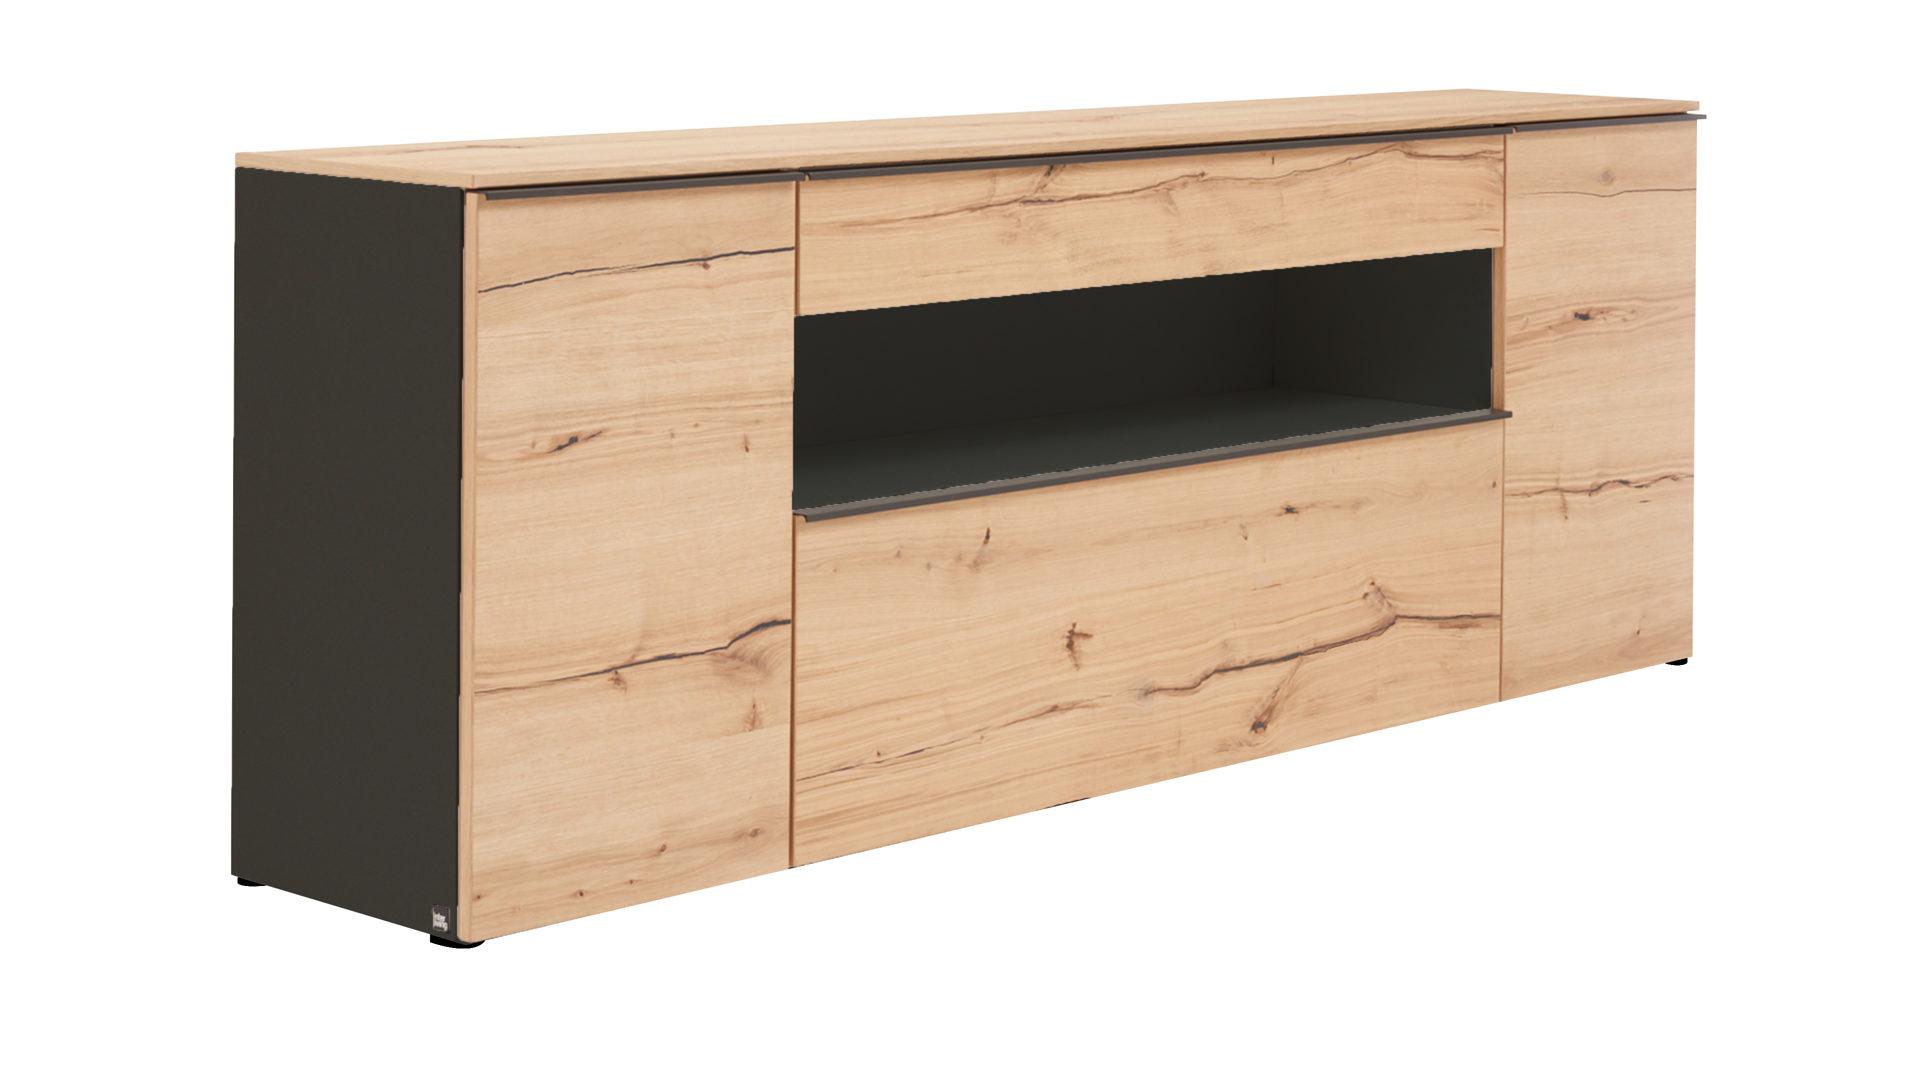 Interliving Wohnzimmer Serie 2103 – Sideboard, schieferschwarzer Lack &  Asteiche - eine Tür, zwei Schubladen